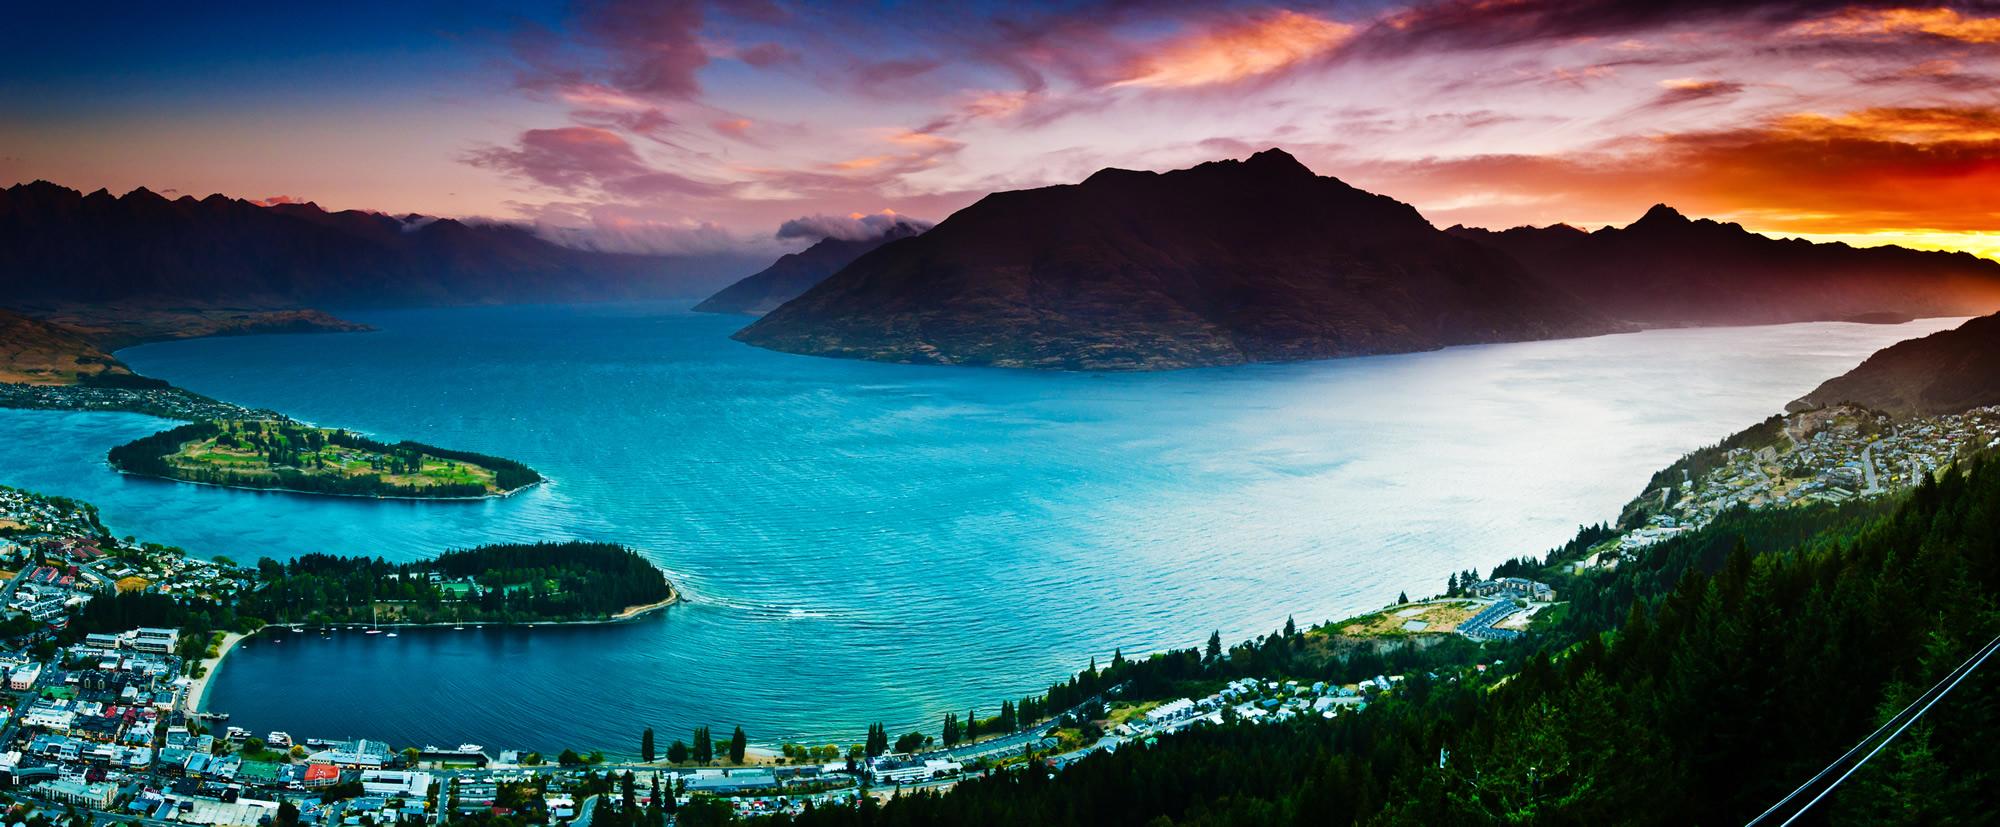 Lake Wakatipu, Queenstown New Zealand